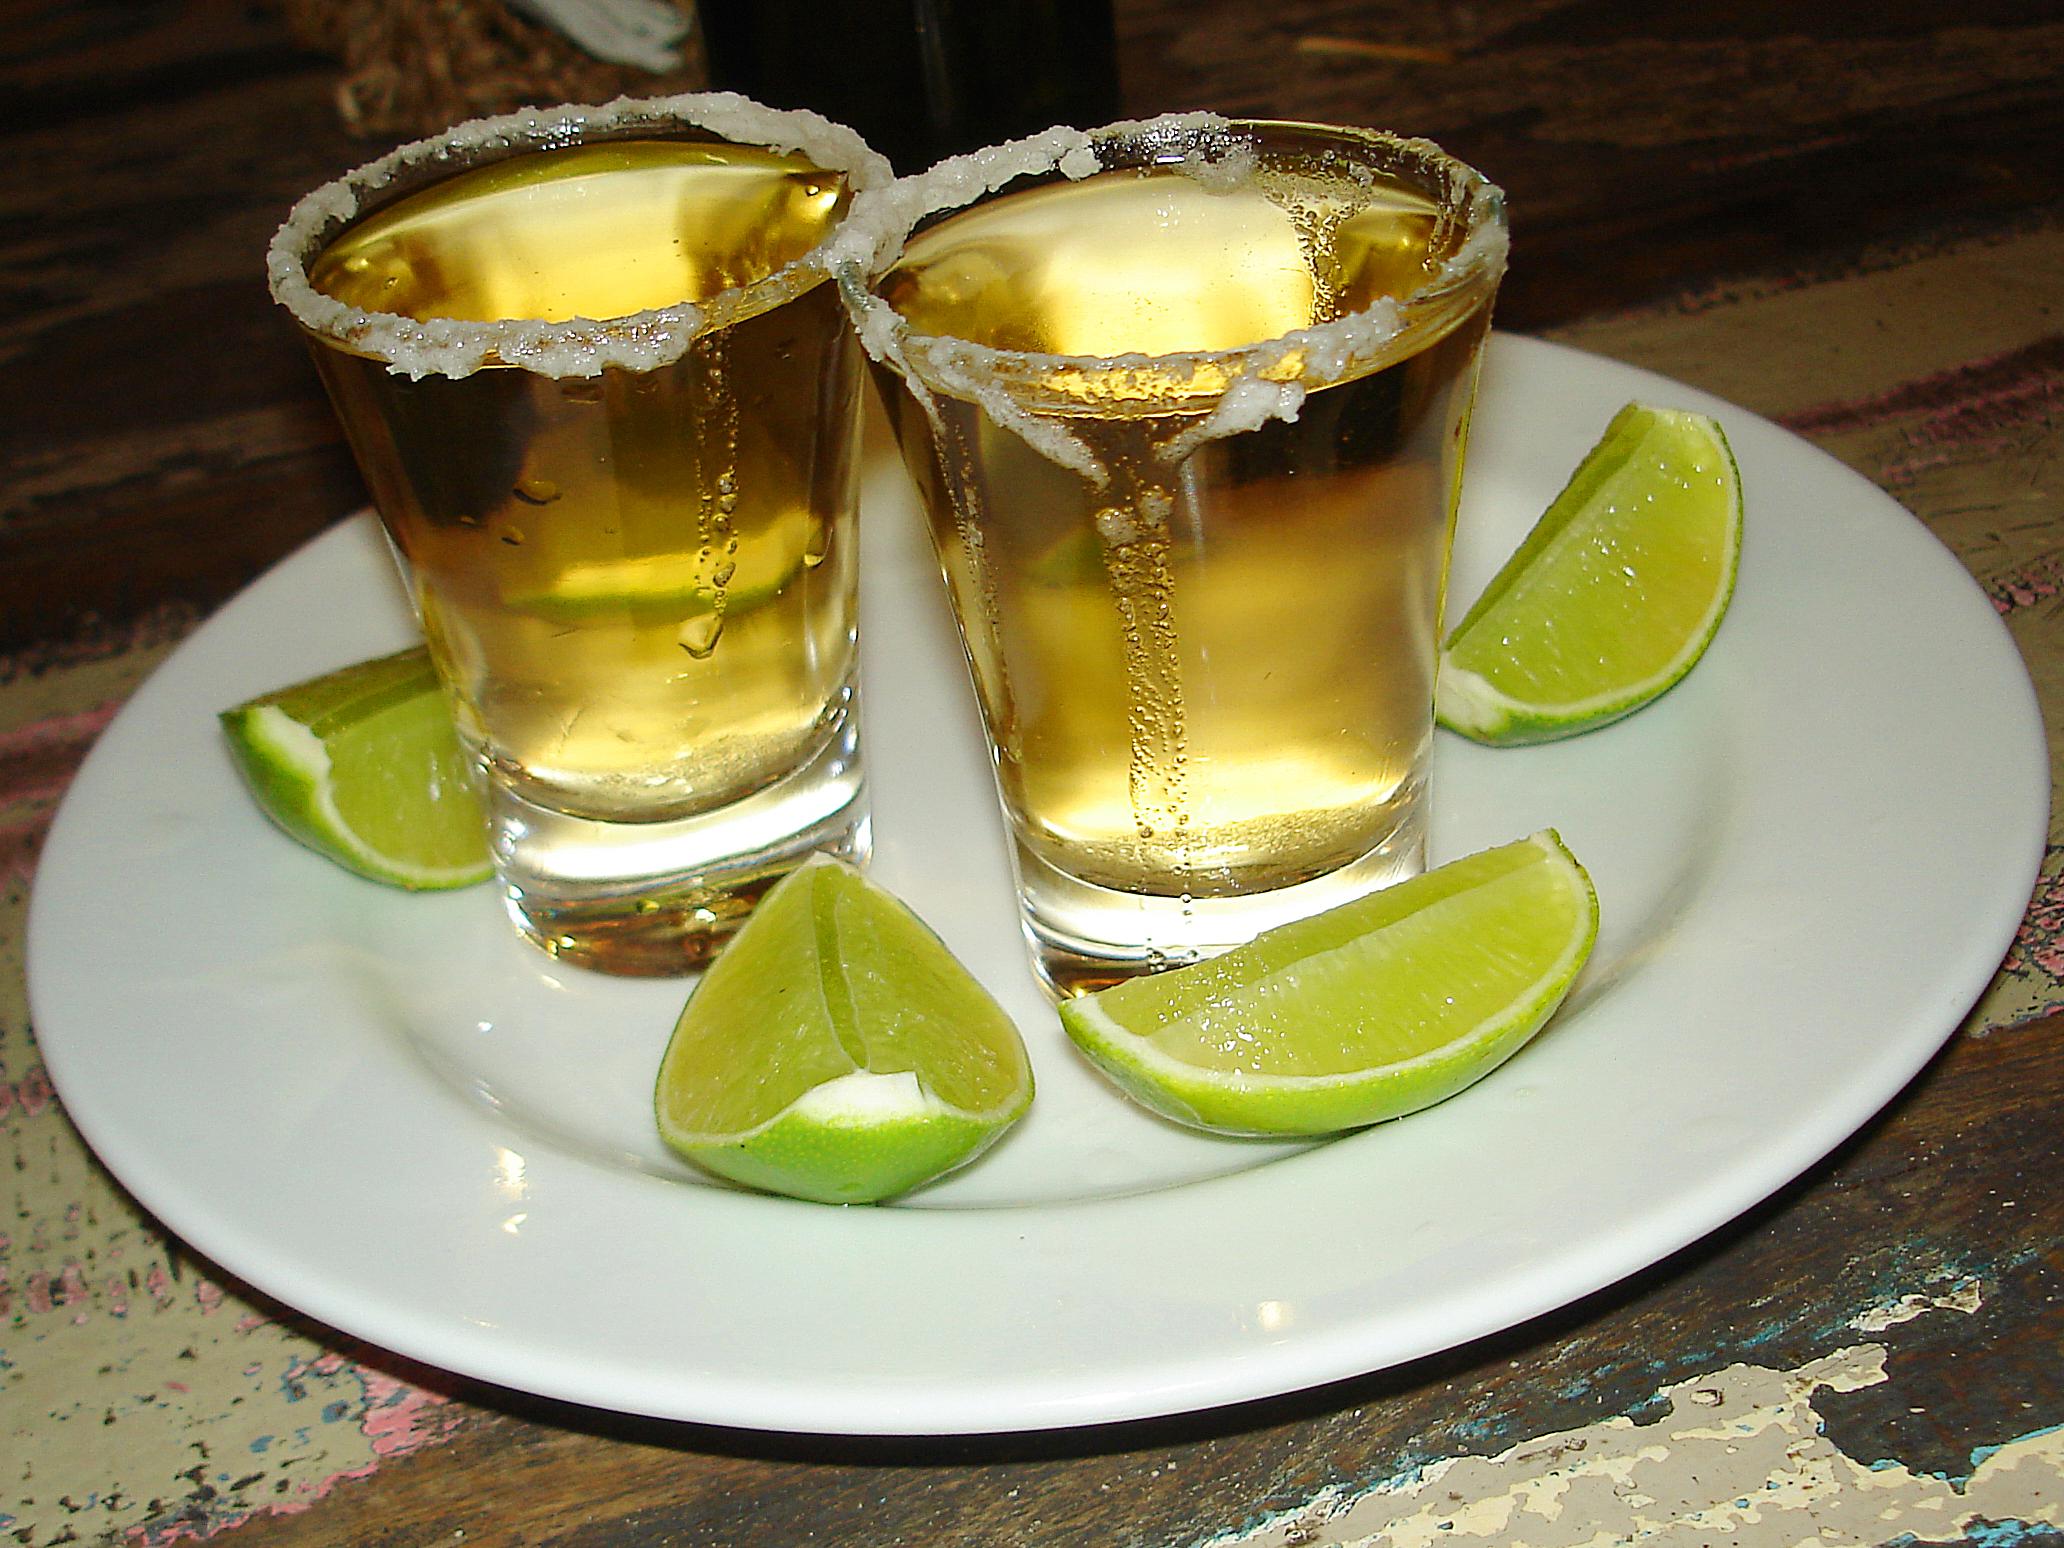 http://www.juliette.cz/wp-content/uploads/2014/06/tequila.jpg